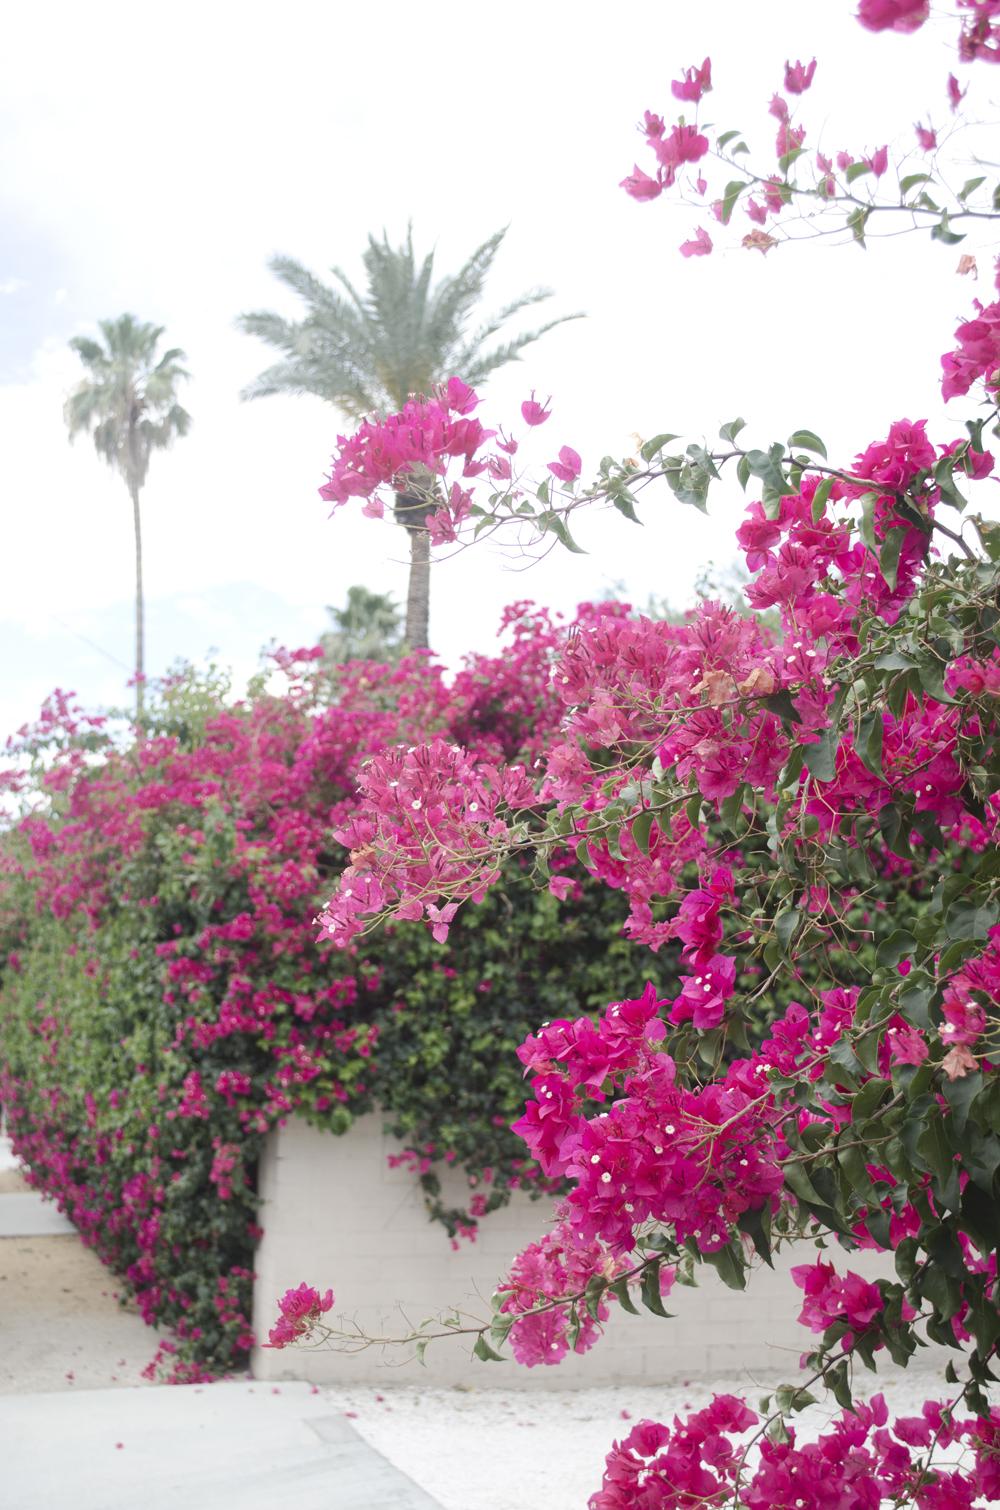 giardini lussireggianti a palm springs visti seguendo l'itinerario in california